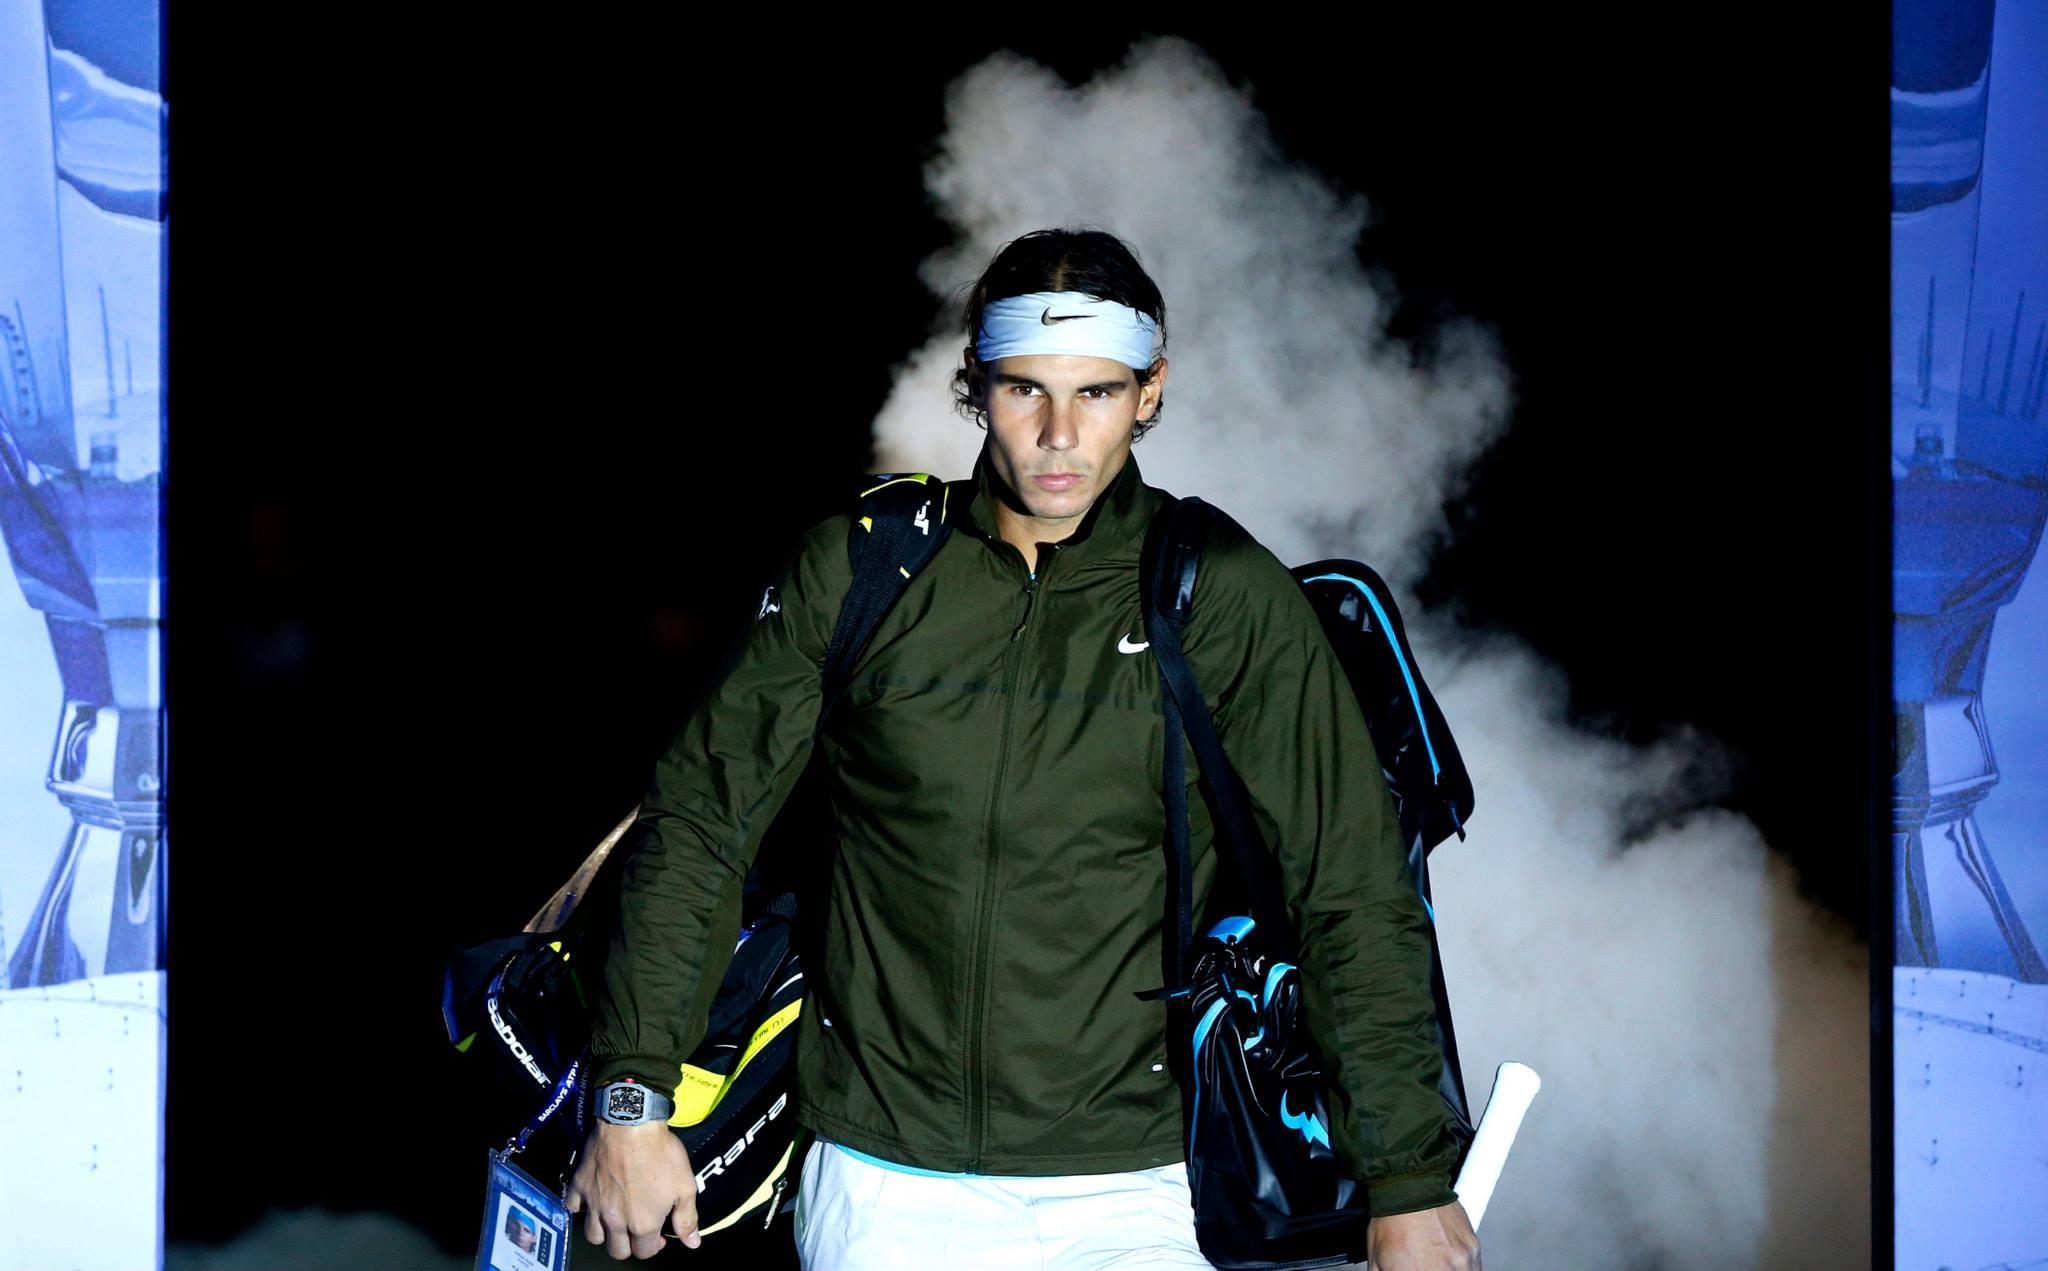 Rafael Nadal 9 - Tako v tenisu kot v življenju, Nadal počne stvari z maksimalno intenziteto